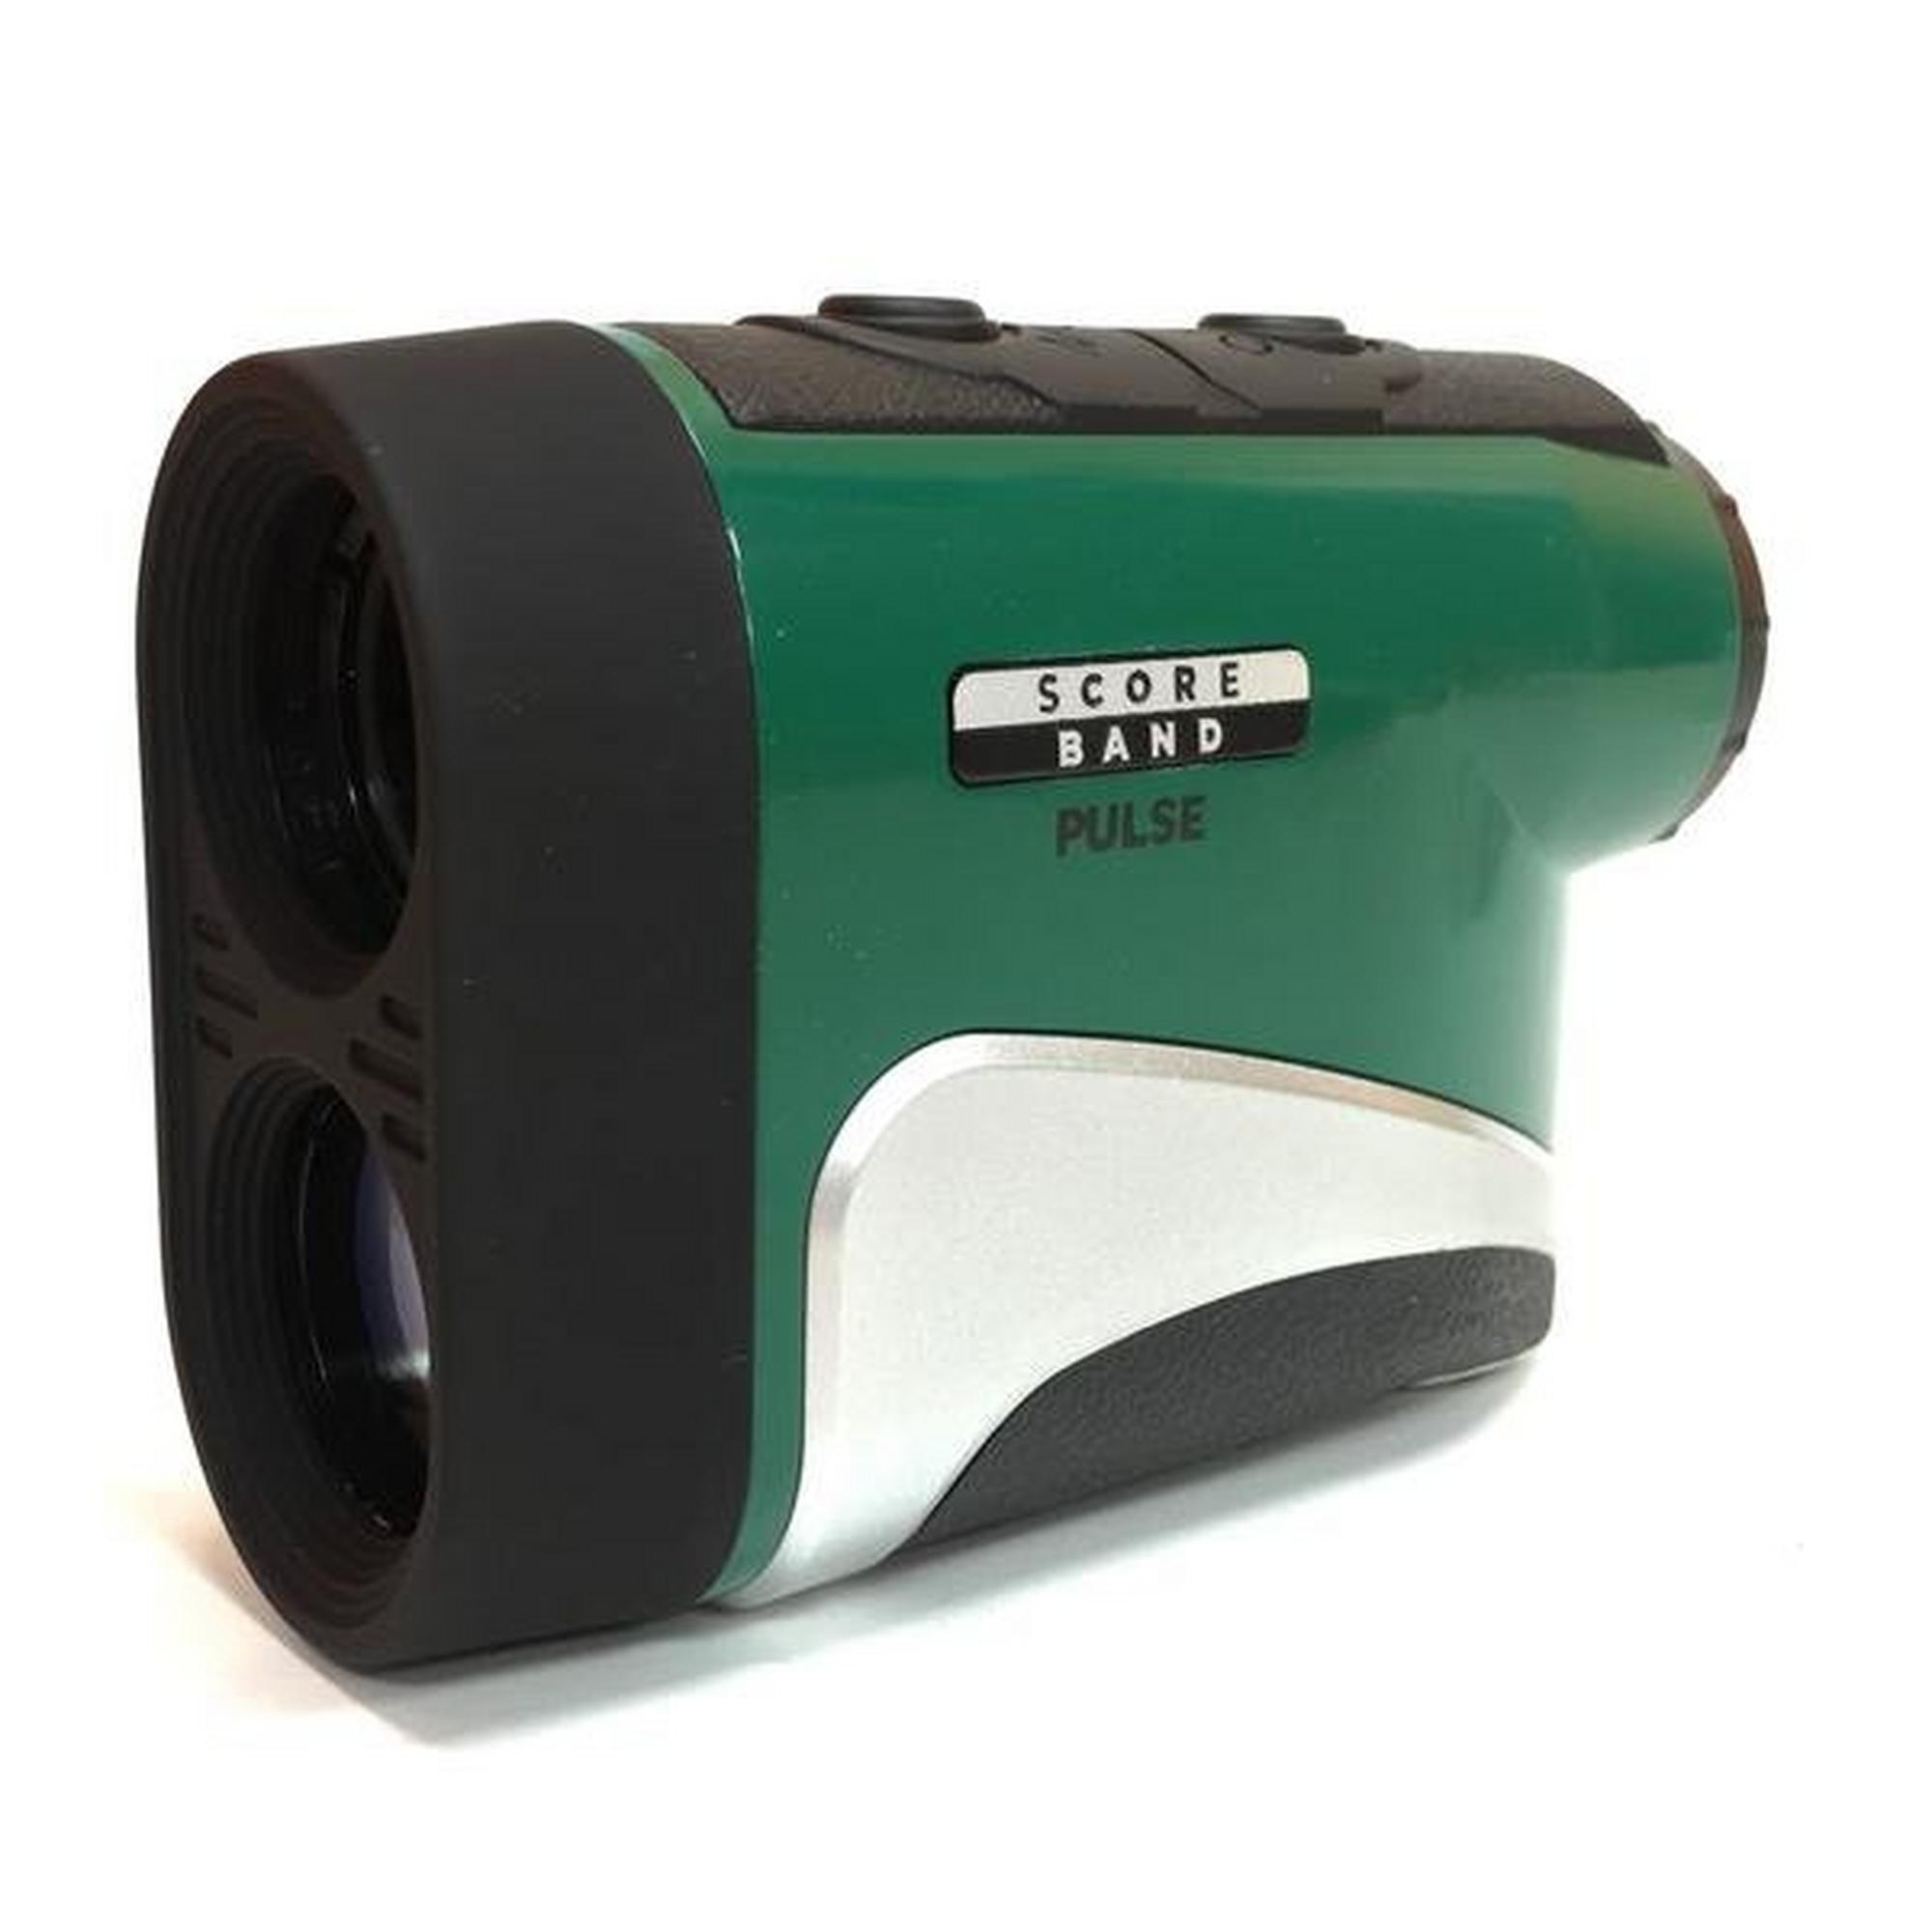 Pulse Rangefinder